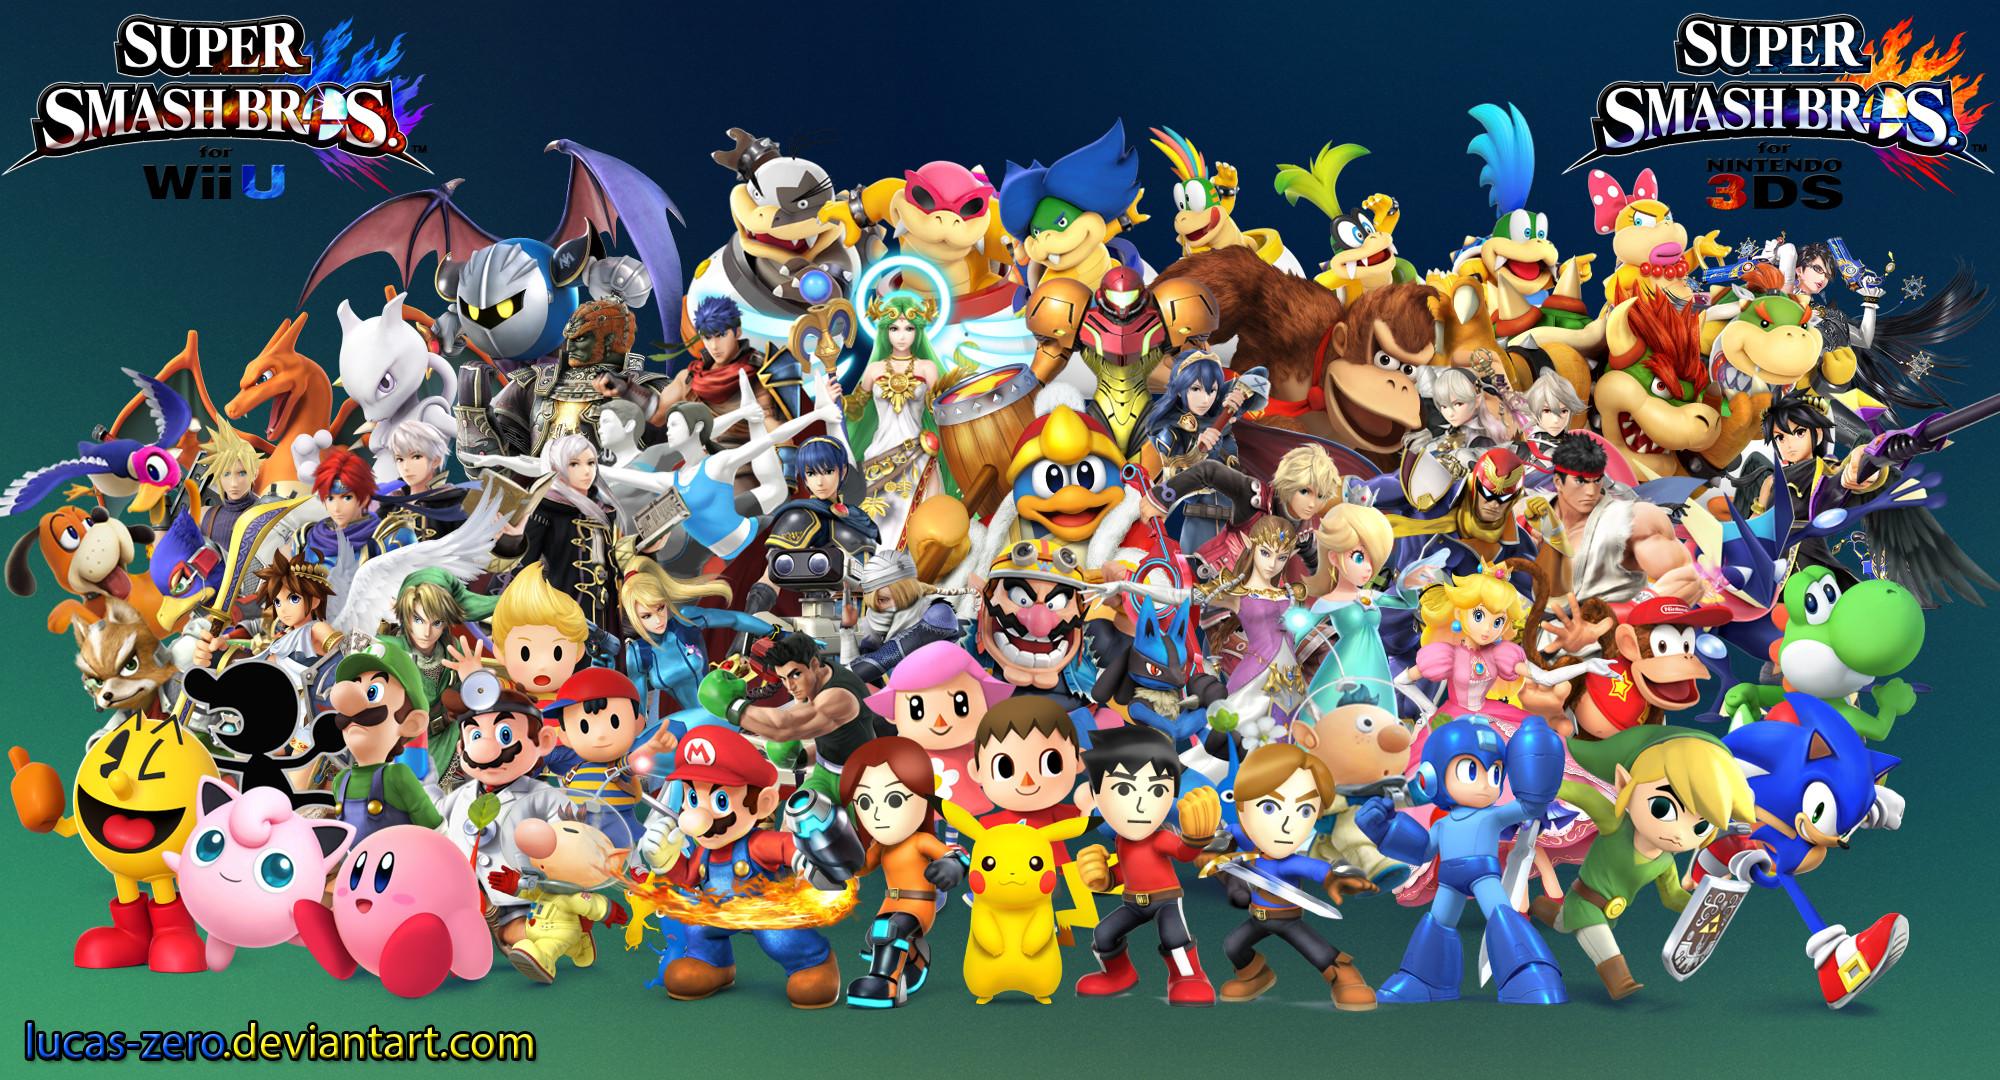 … Super Smash Bros 4 Wallpaper by Lucas-Zero